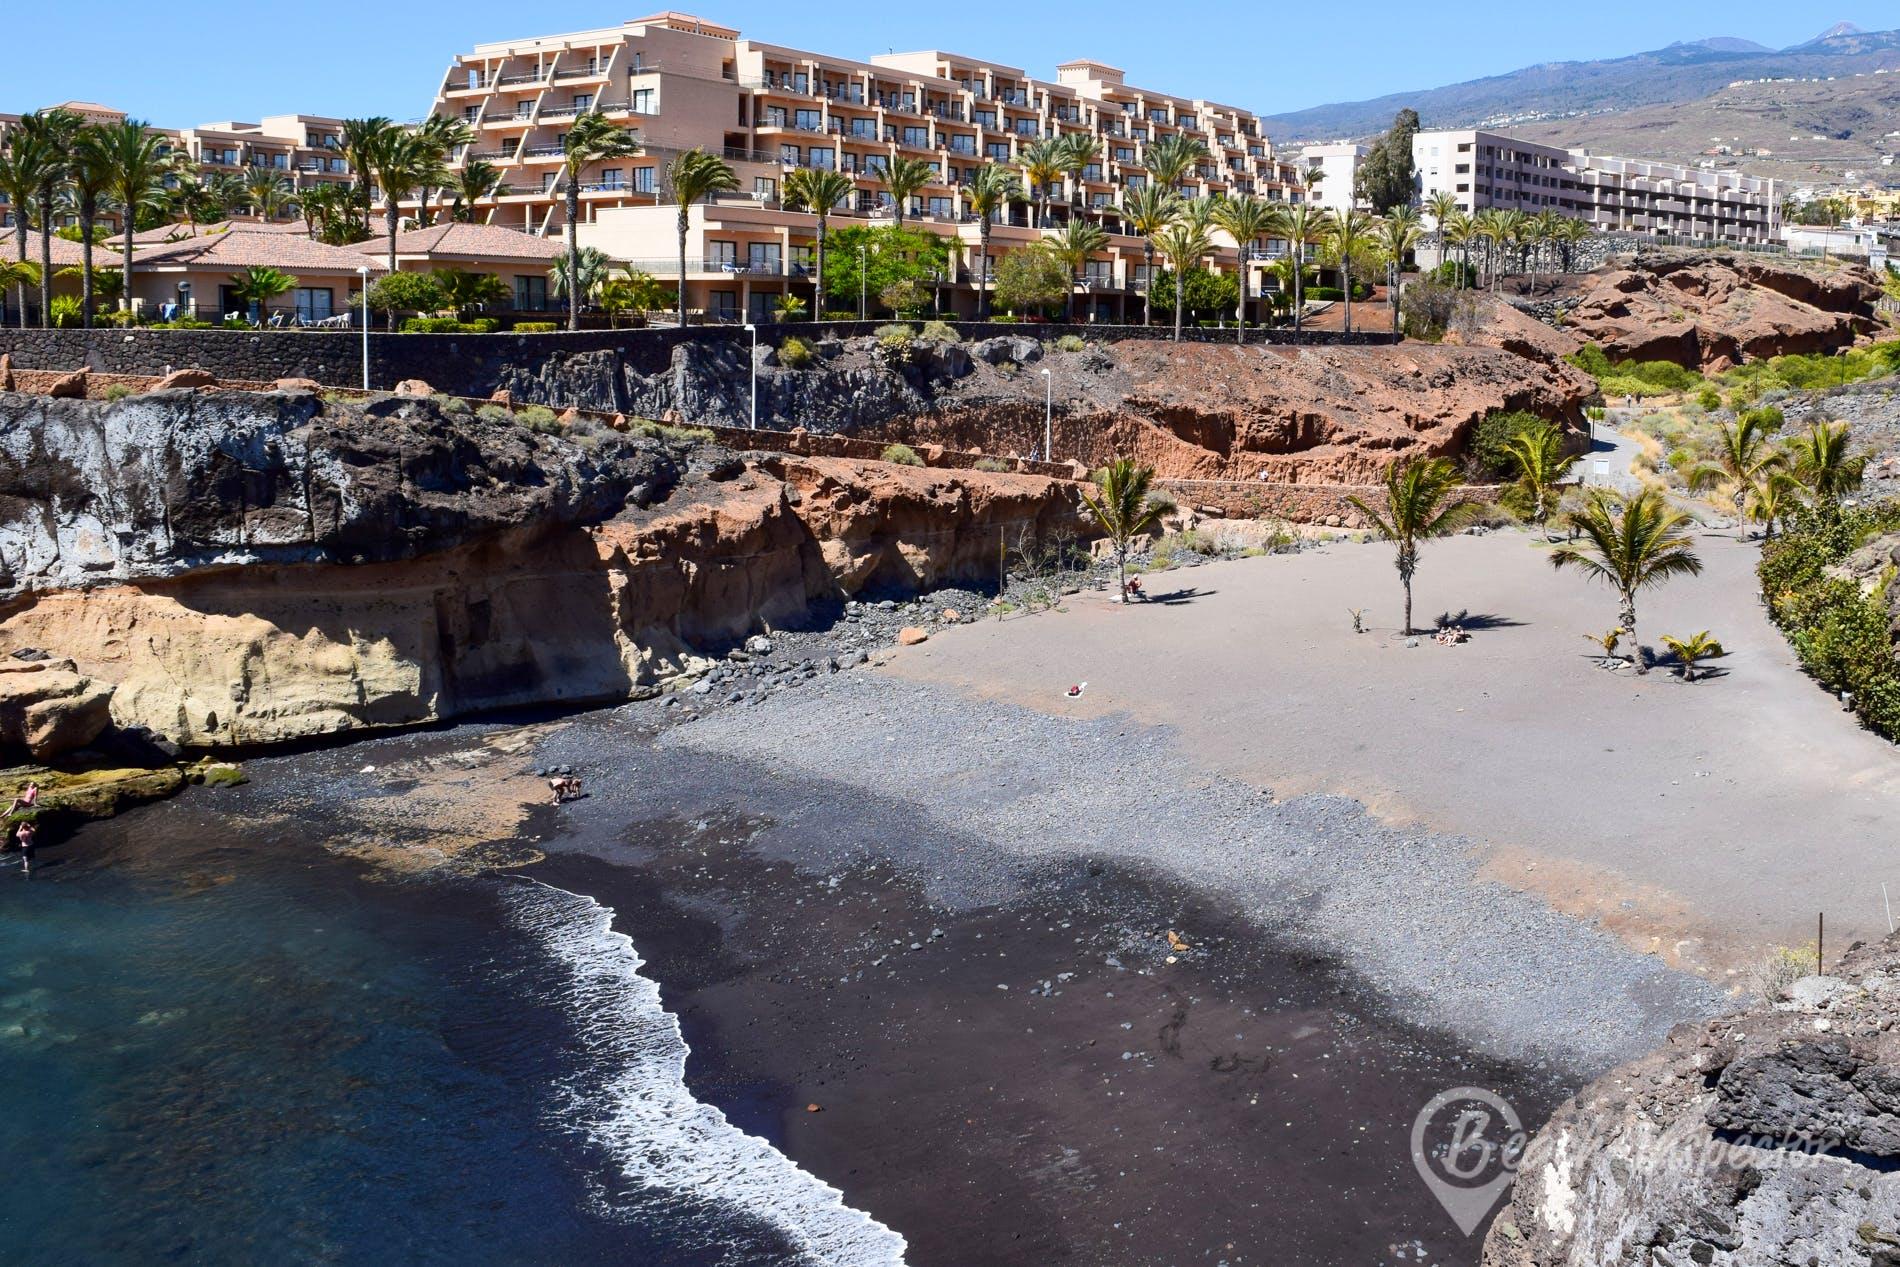 Beach Las Galgas, Tenerife, Spain